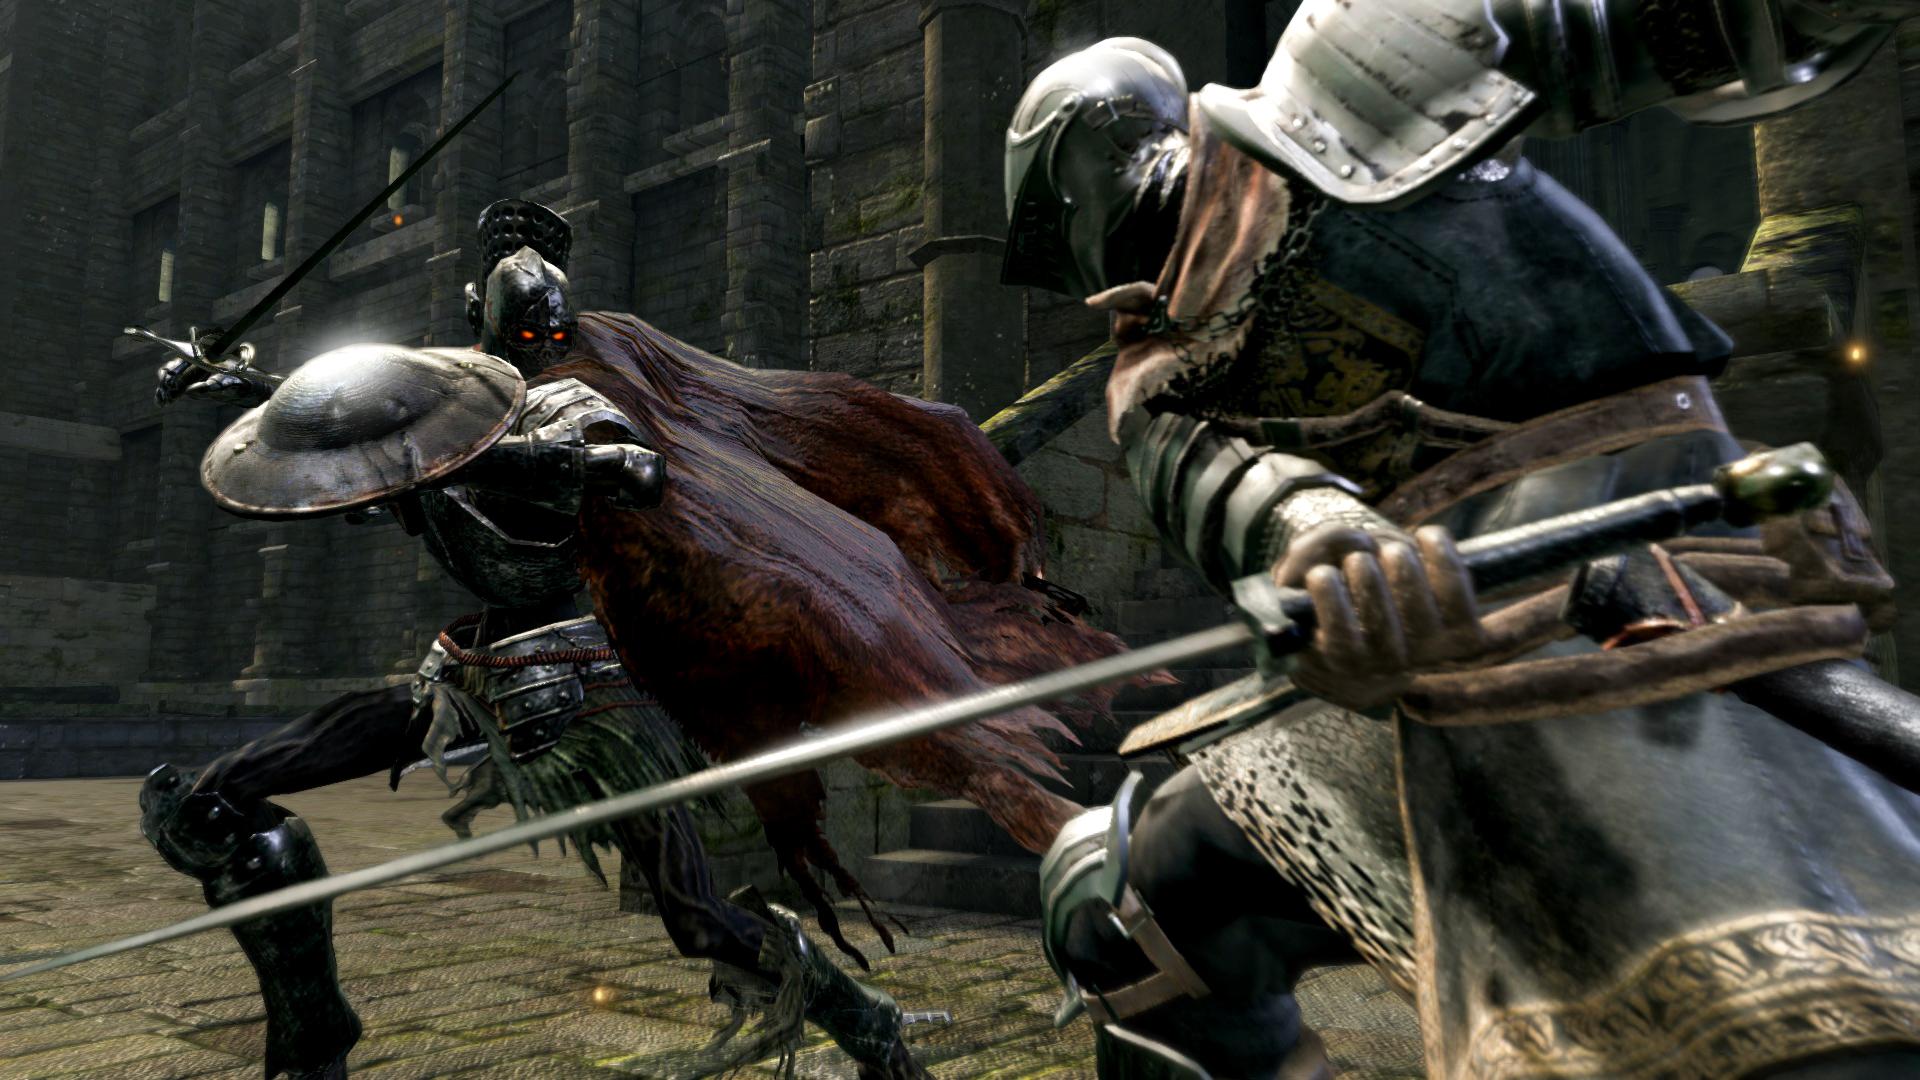 ラスボスを一撃で討伐 ダークソウル リマスタード で華麗な 致命